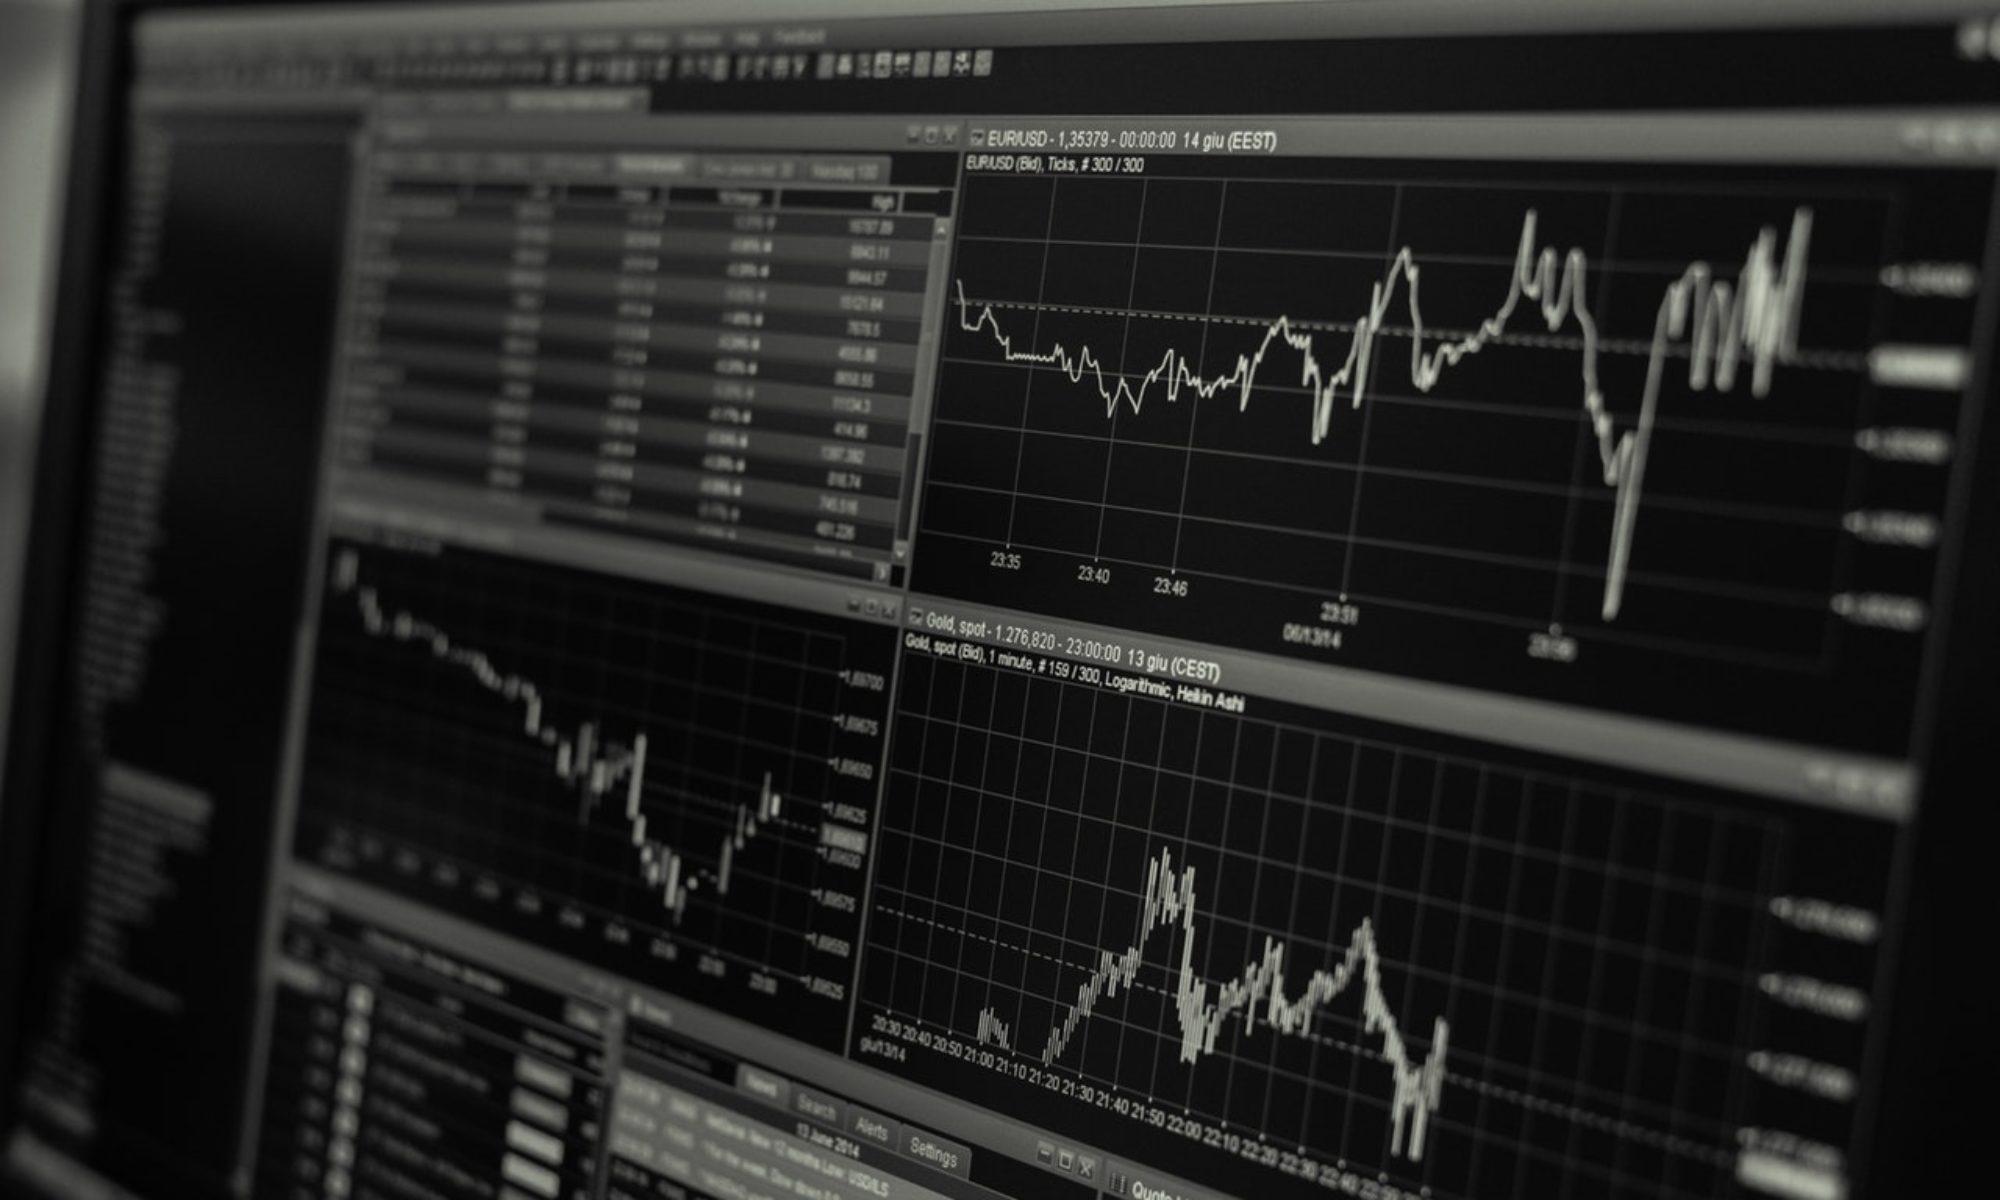 Meine Erfahrungen mit dem Florian Steiner Trading System